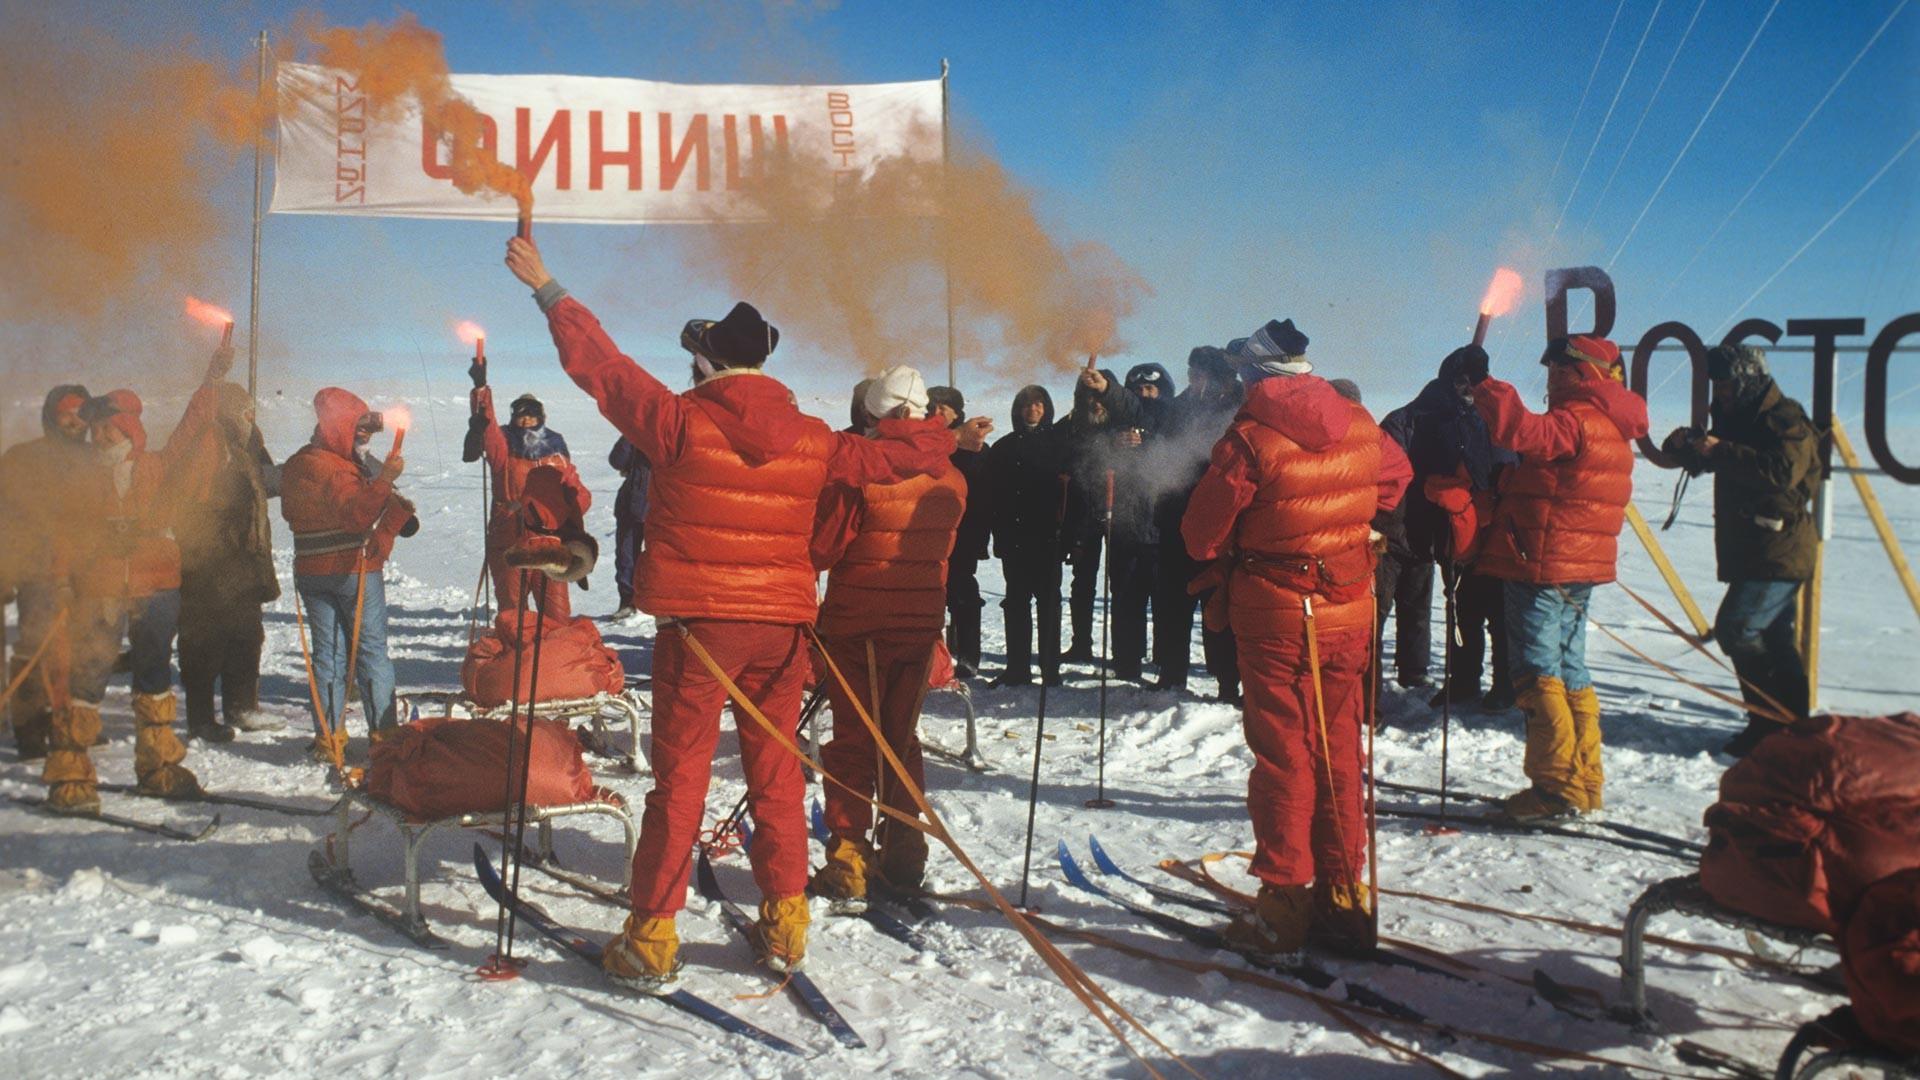 Pendant les 12 derniers kilomètres, les femmes ont marché vêtues d'uniformes rouges, pour célébrer la dernière réalisation des femmes soviétiques que l'on pensait auparavant impossible